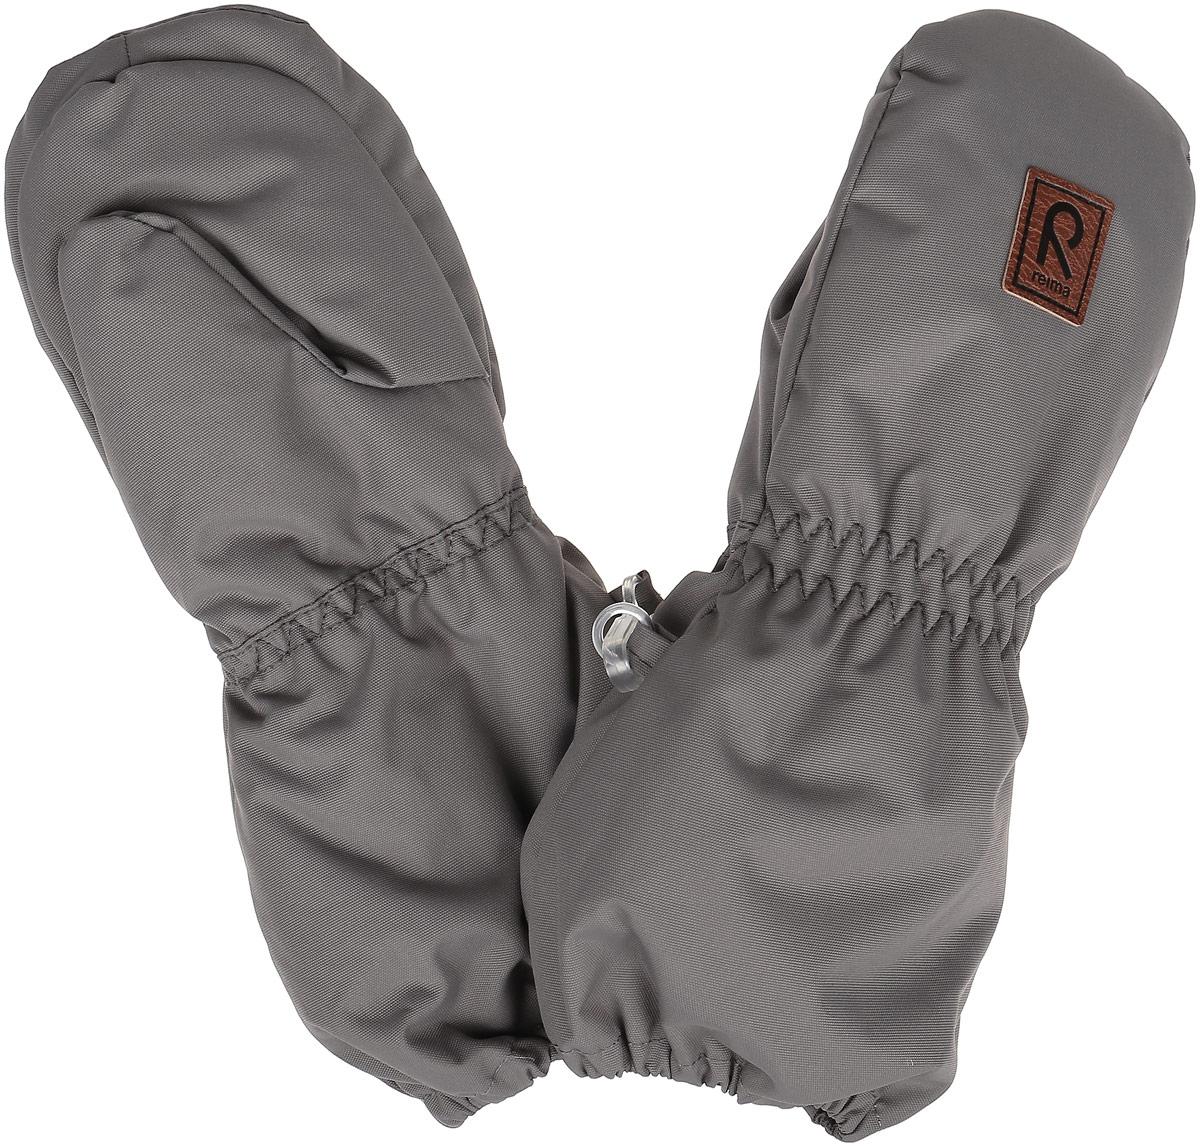 517124_2840Детские варежки Reima Huiske, изготовленные из мембранной ткани с водо- и ветрозащитным покрытием, станут идеальным вариантом для холодной погоды. Теплая мягкая подкладка выполнена из полиэстера и шерсти с добавлением акрила и полиамида. В качестве утеплителя используется полиэстер, который хорошо удерживает тепло. Ветронепроницаемый, но дышащий материал вместе с утеплителем и теплой подкладкой из шерсти позволяет держать пальчики в тепле, не давая им вспотеть. Край варежек и запястья присборены на эластичные резинки, препятствующие попаданию снега. Внешняя сторона модели оформлена небольшой декоративной нашивкой с названием бренда. Высокая степень утепления. Идеально при температурах от -10°С до -30°С.